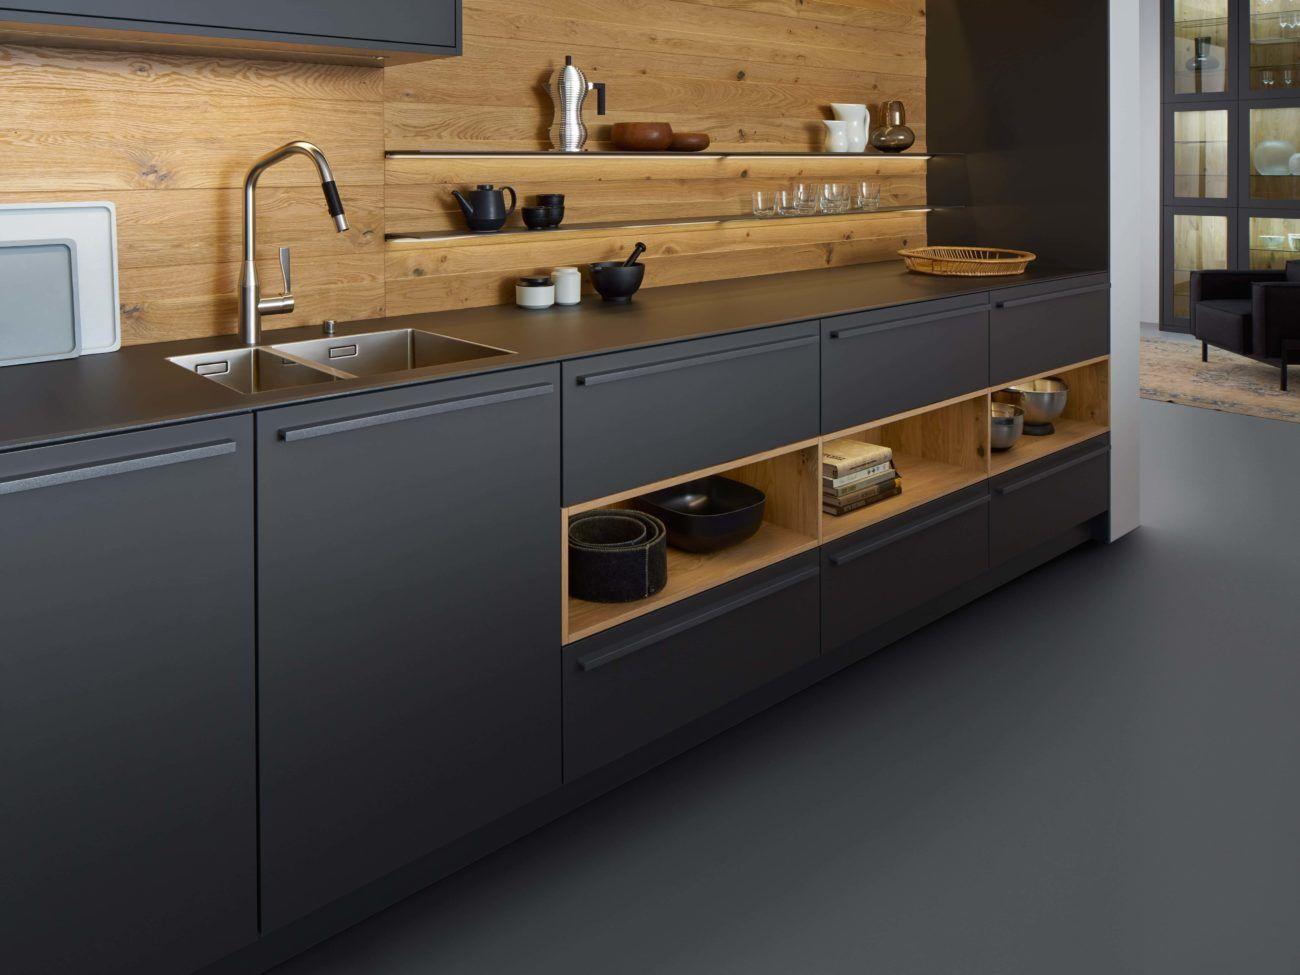 Küchen design messungen küchentrends  aktuelle designs und farben für die küchenplanung